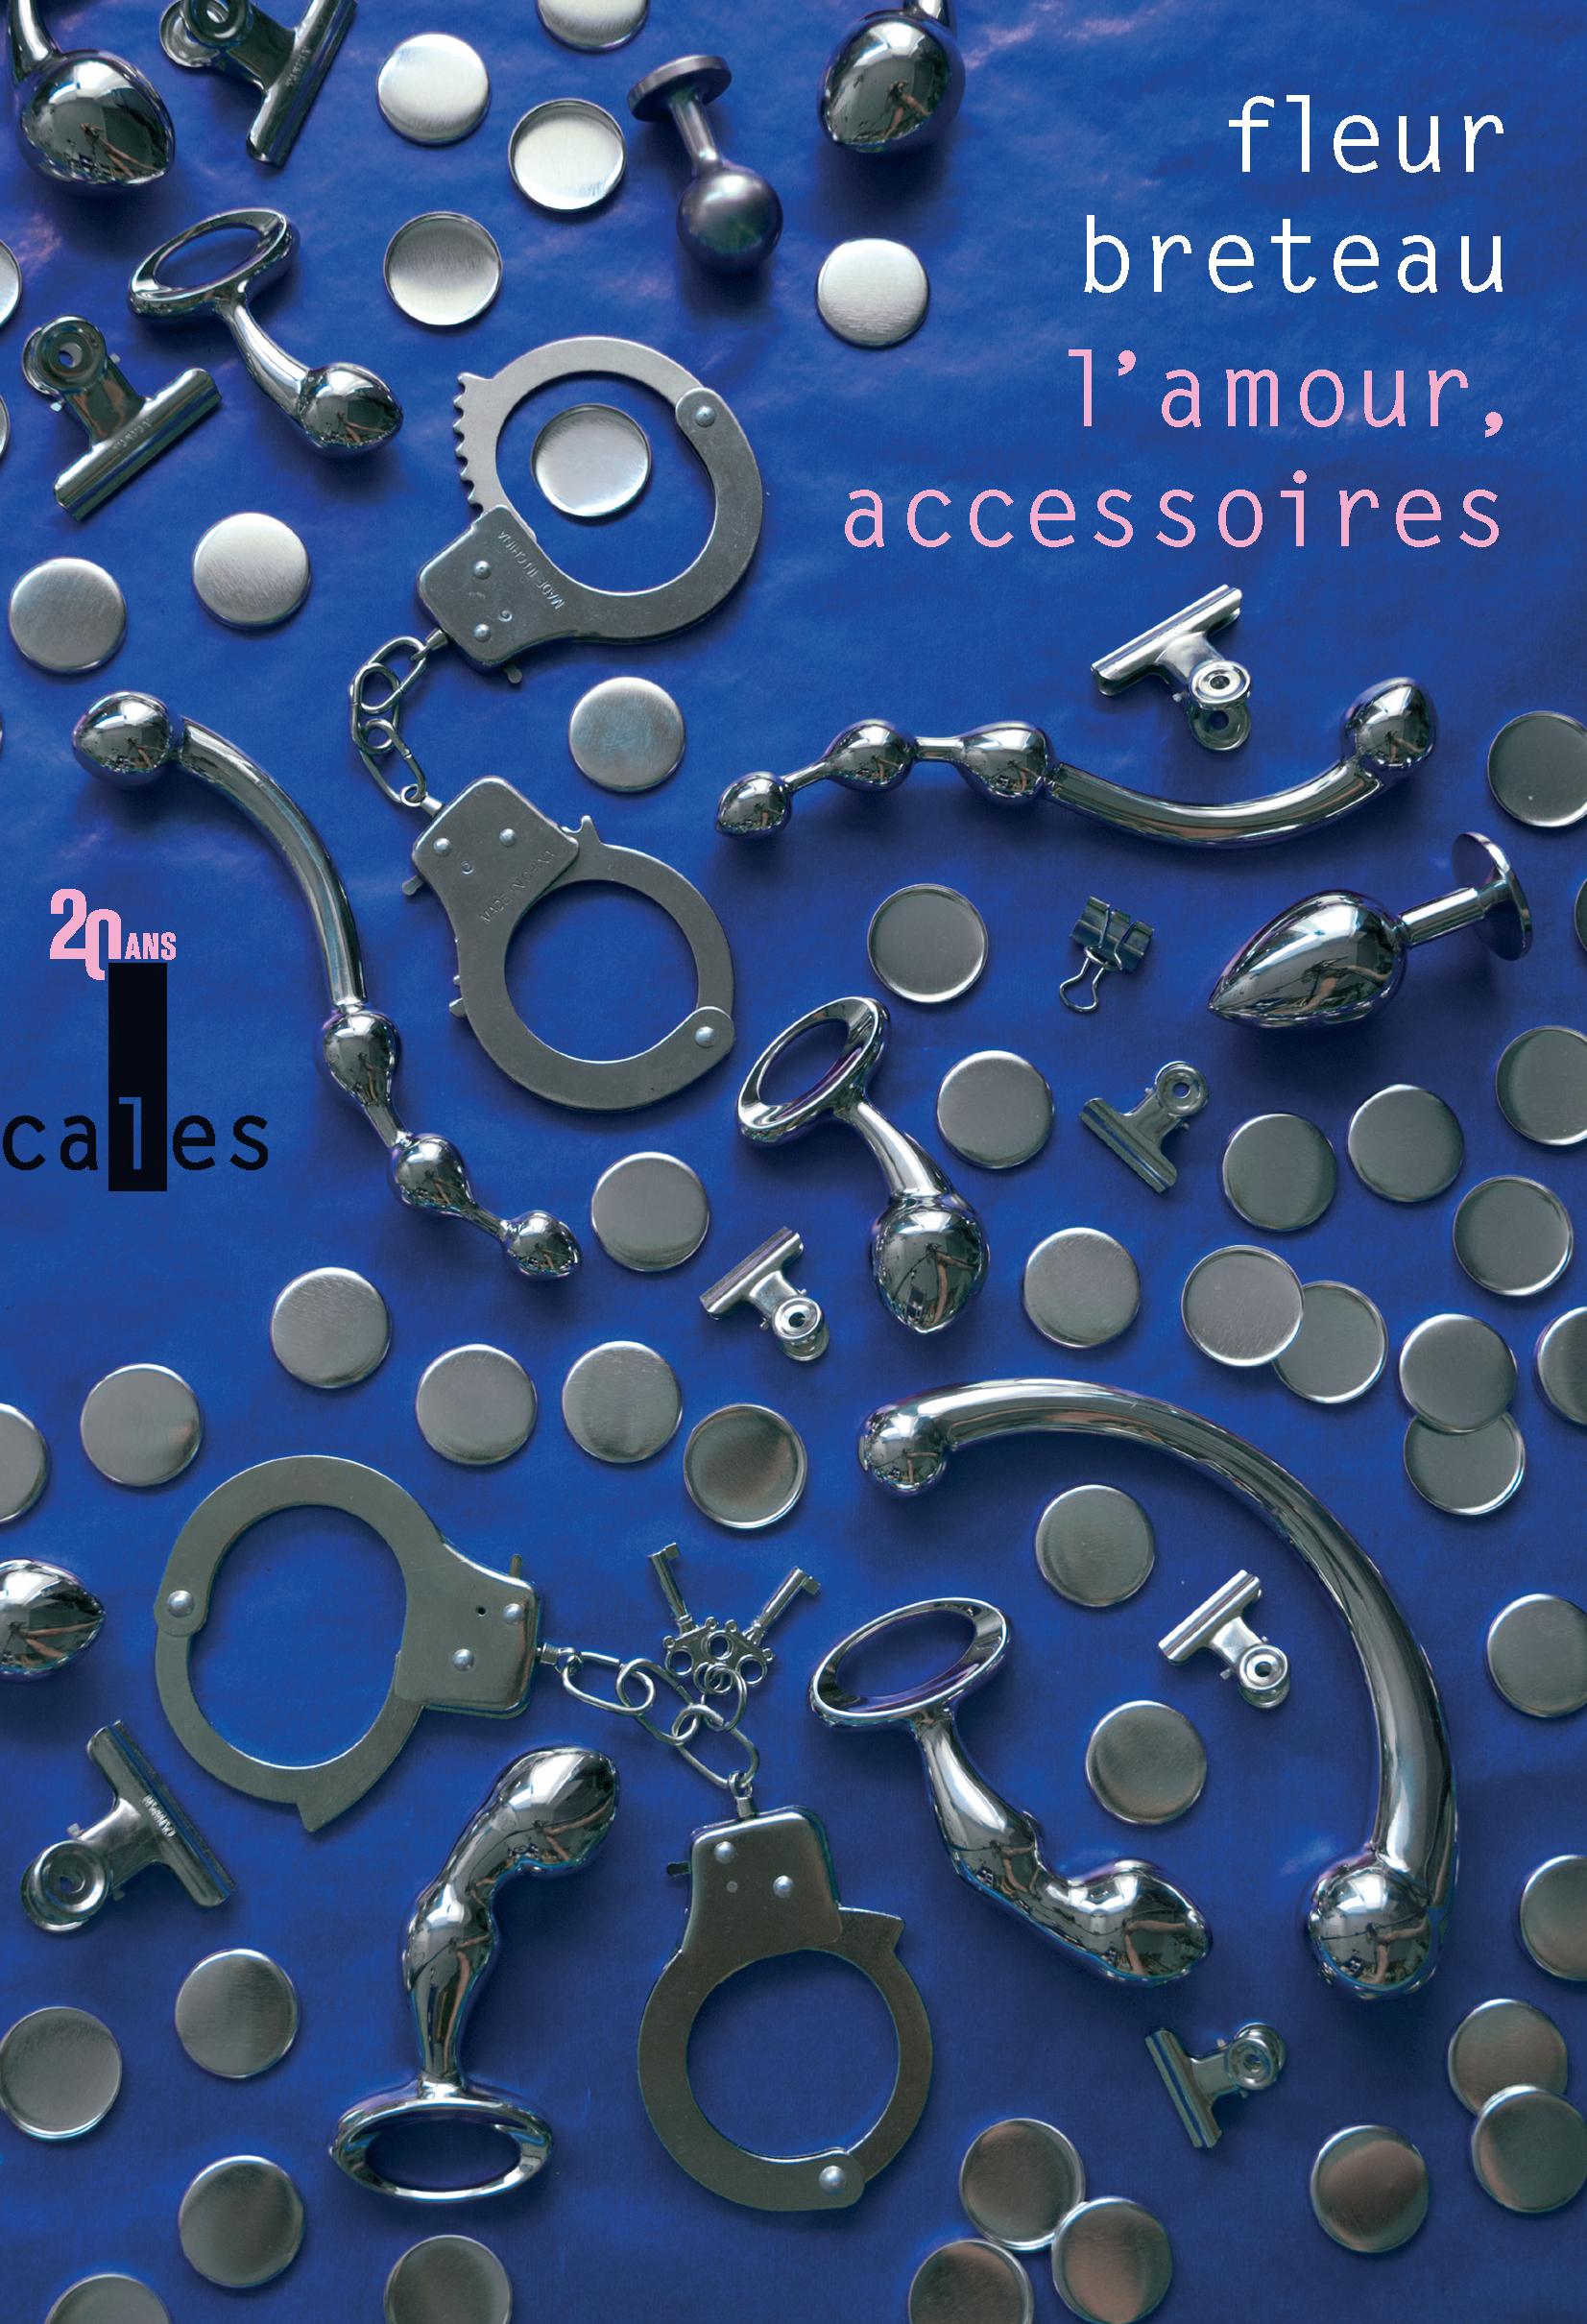 L'amour, accessoires